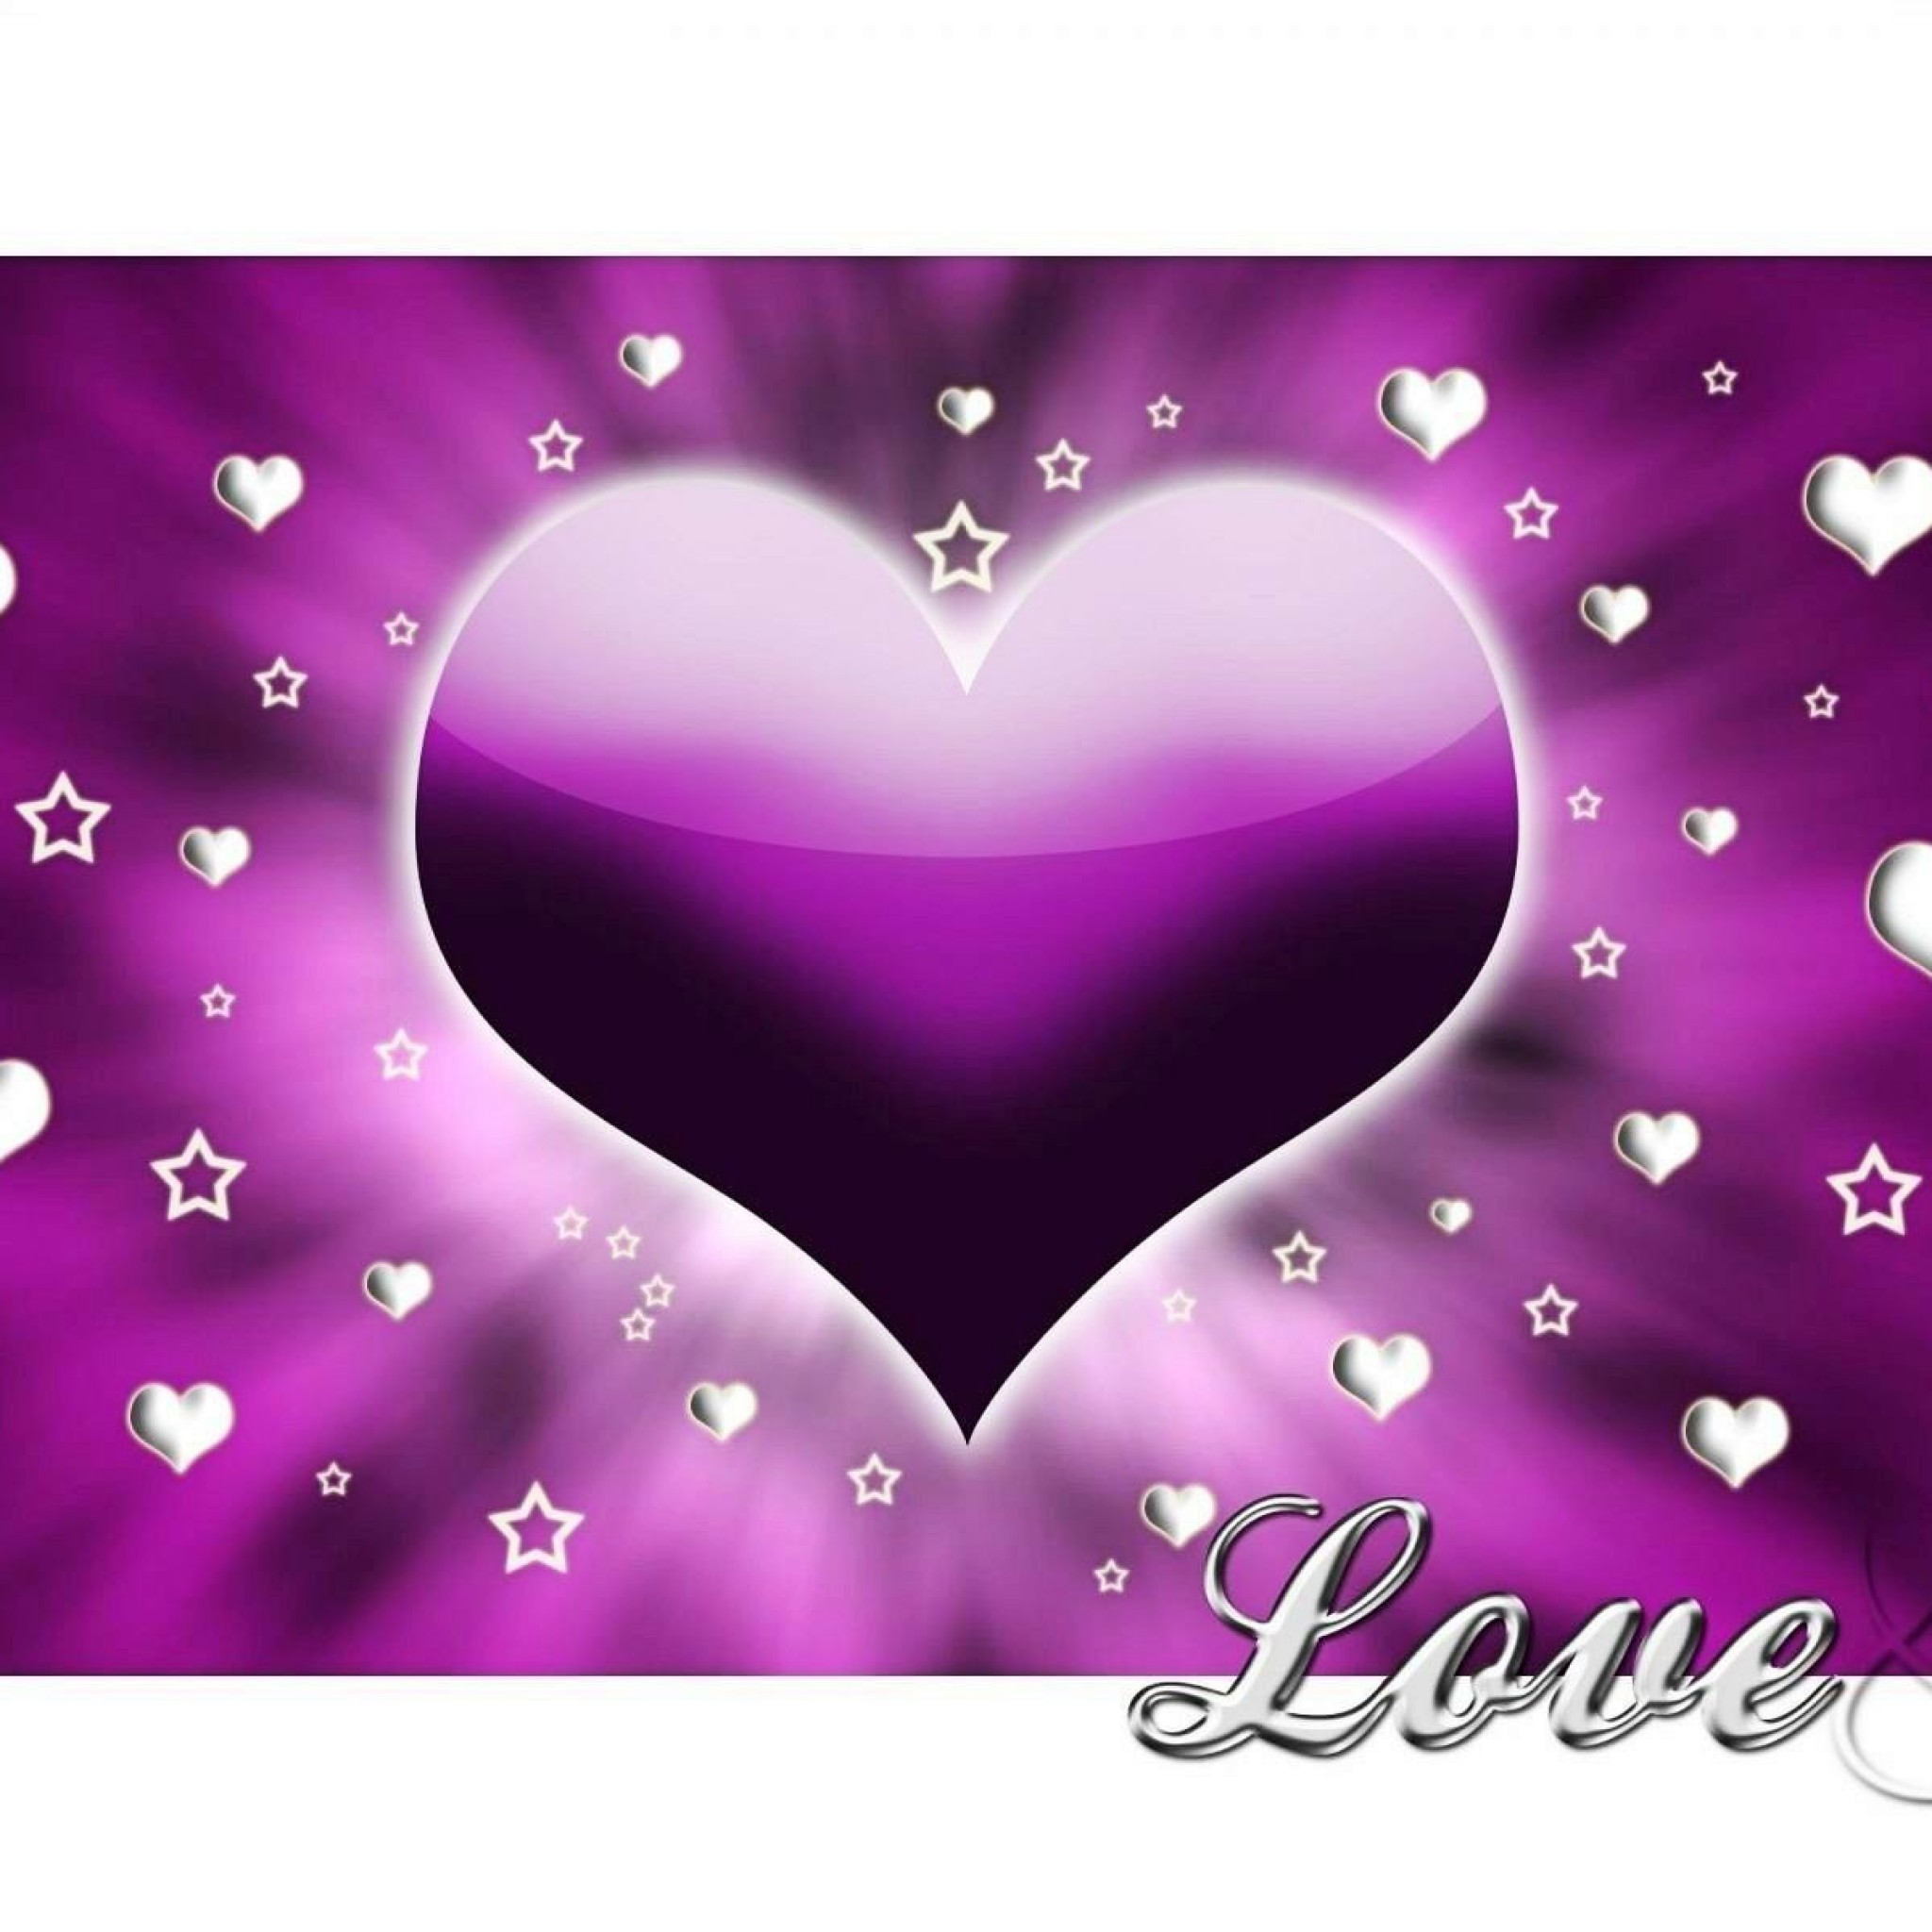 Heart Purple White Love Image Wallpaper #13821 Wallpaper computer | best  website wallpaperput.com